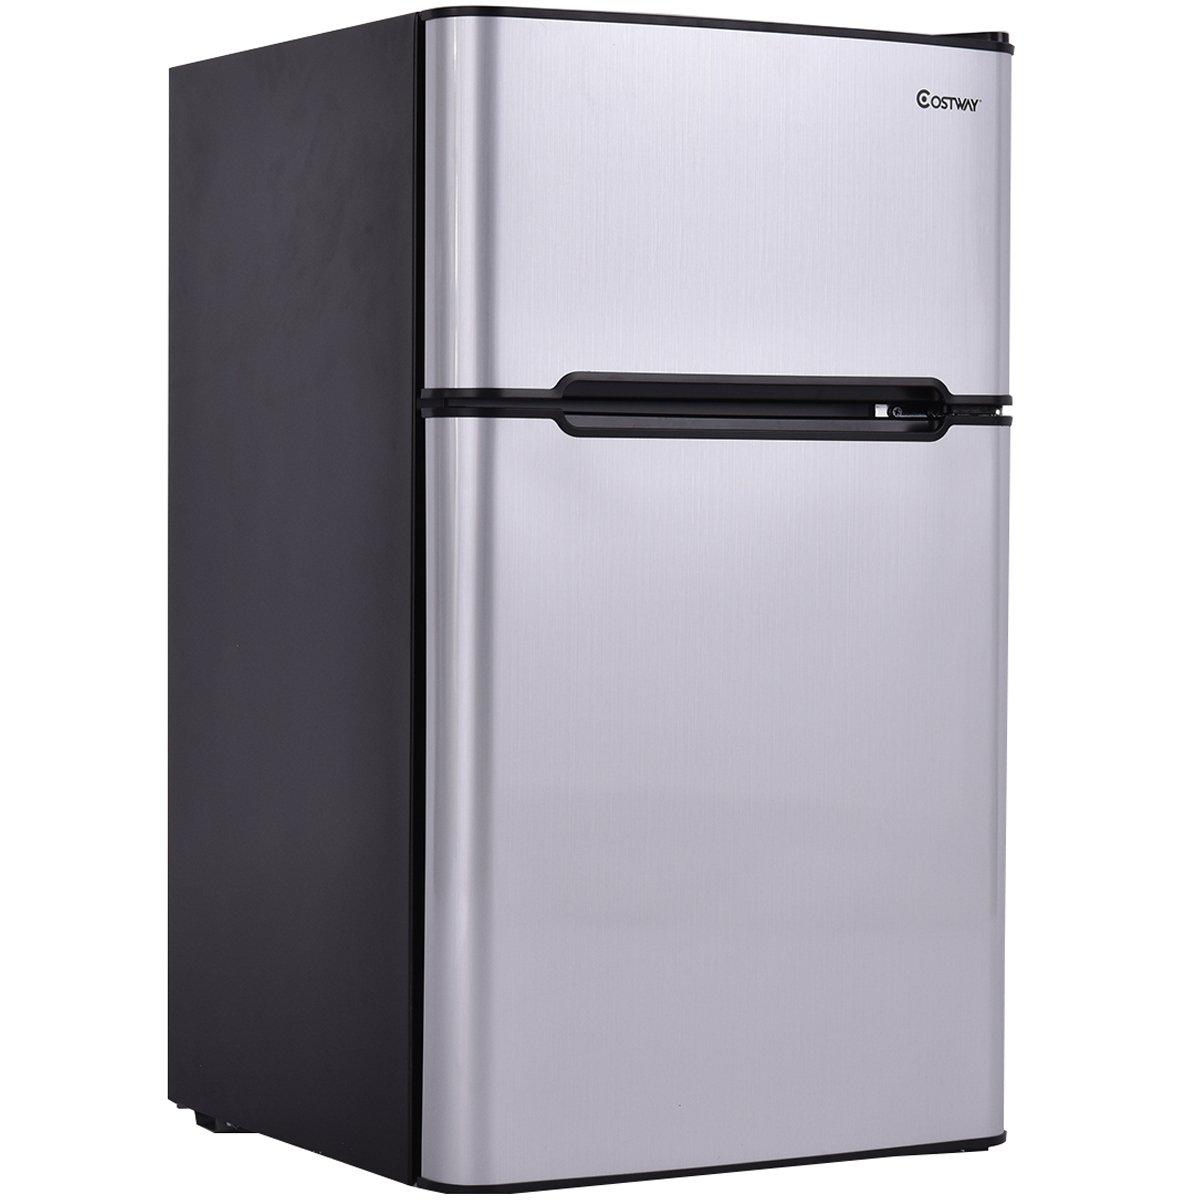 Costway 2-Door Compact Refrigerator 3.2 cu ft. Unit Small Freezer Cooler Fridge (Gray)